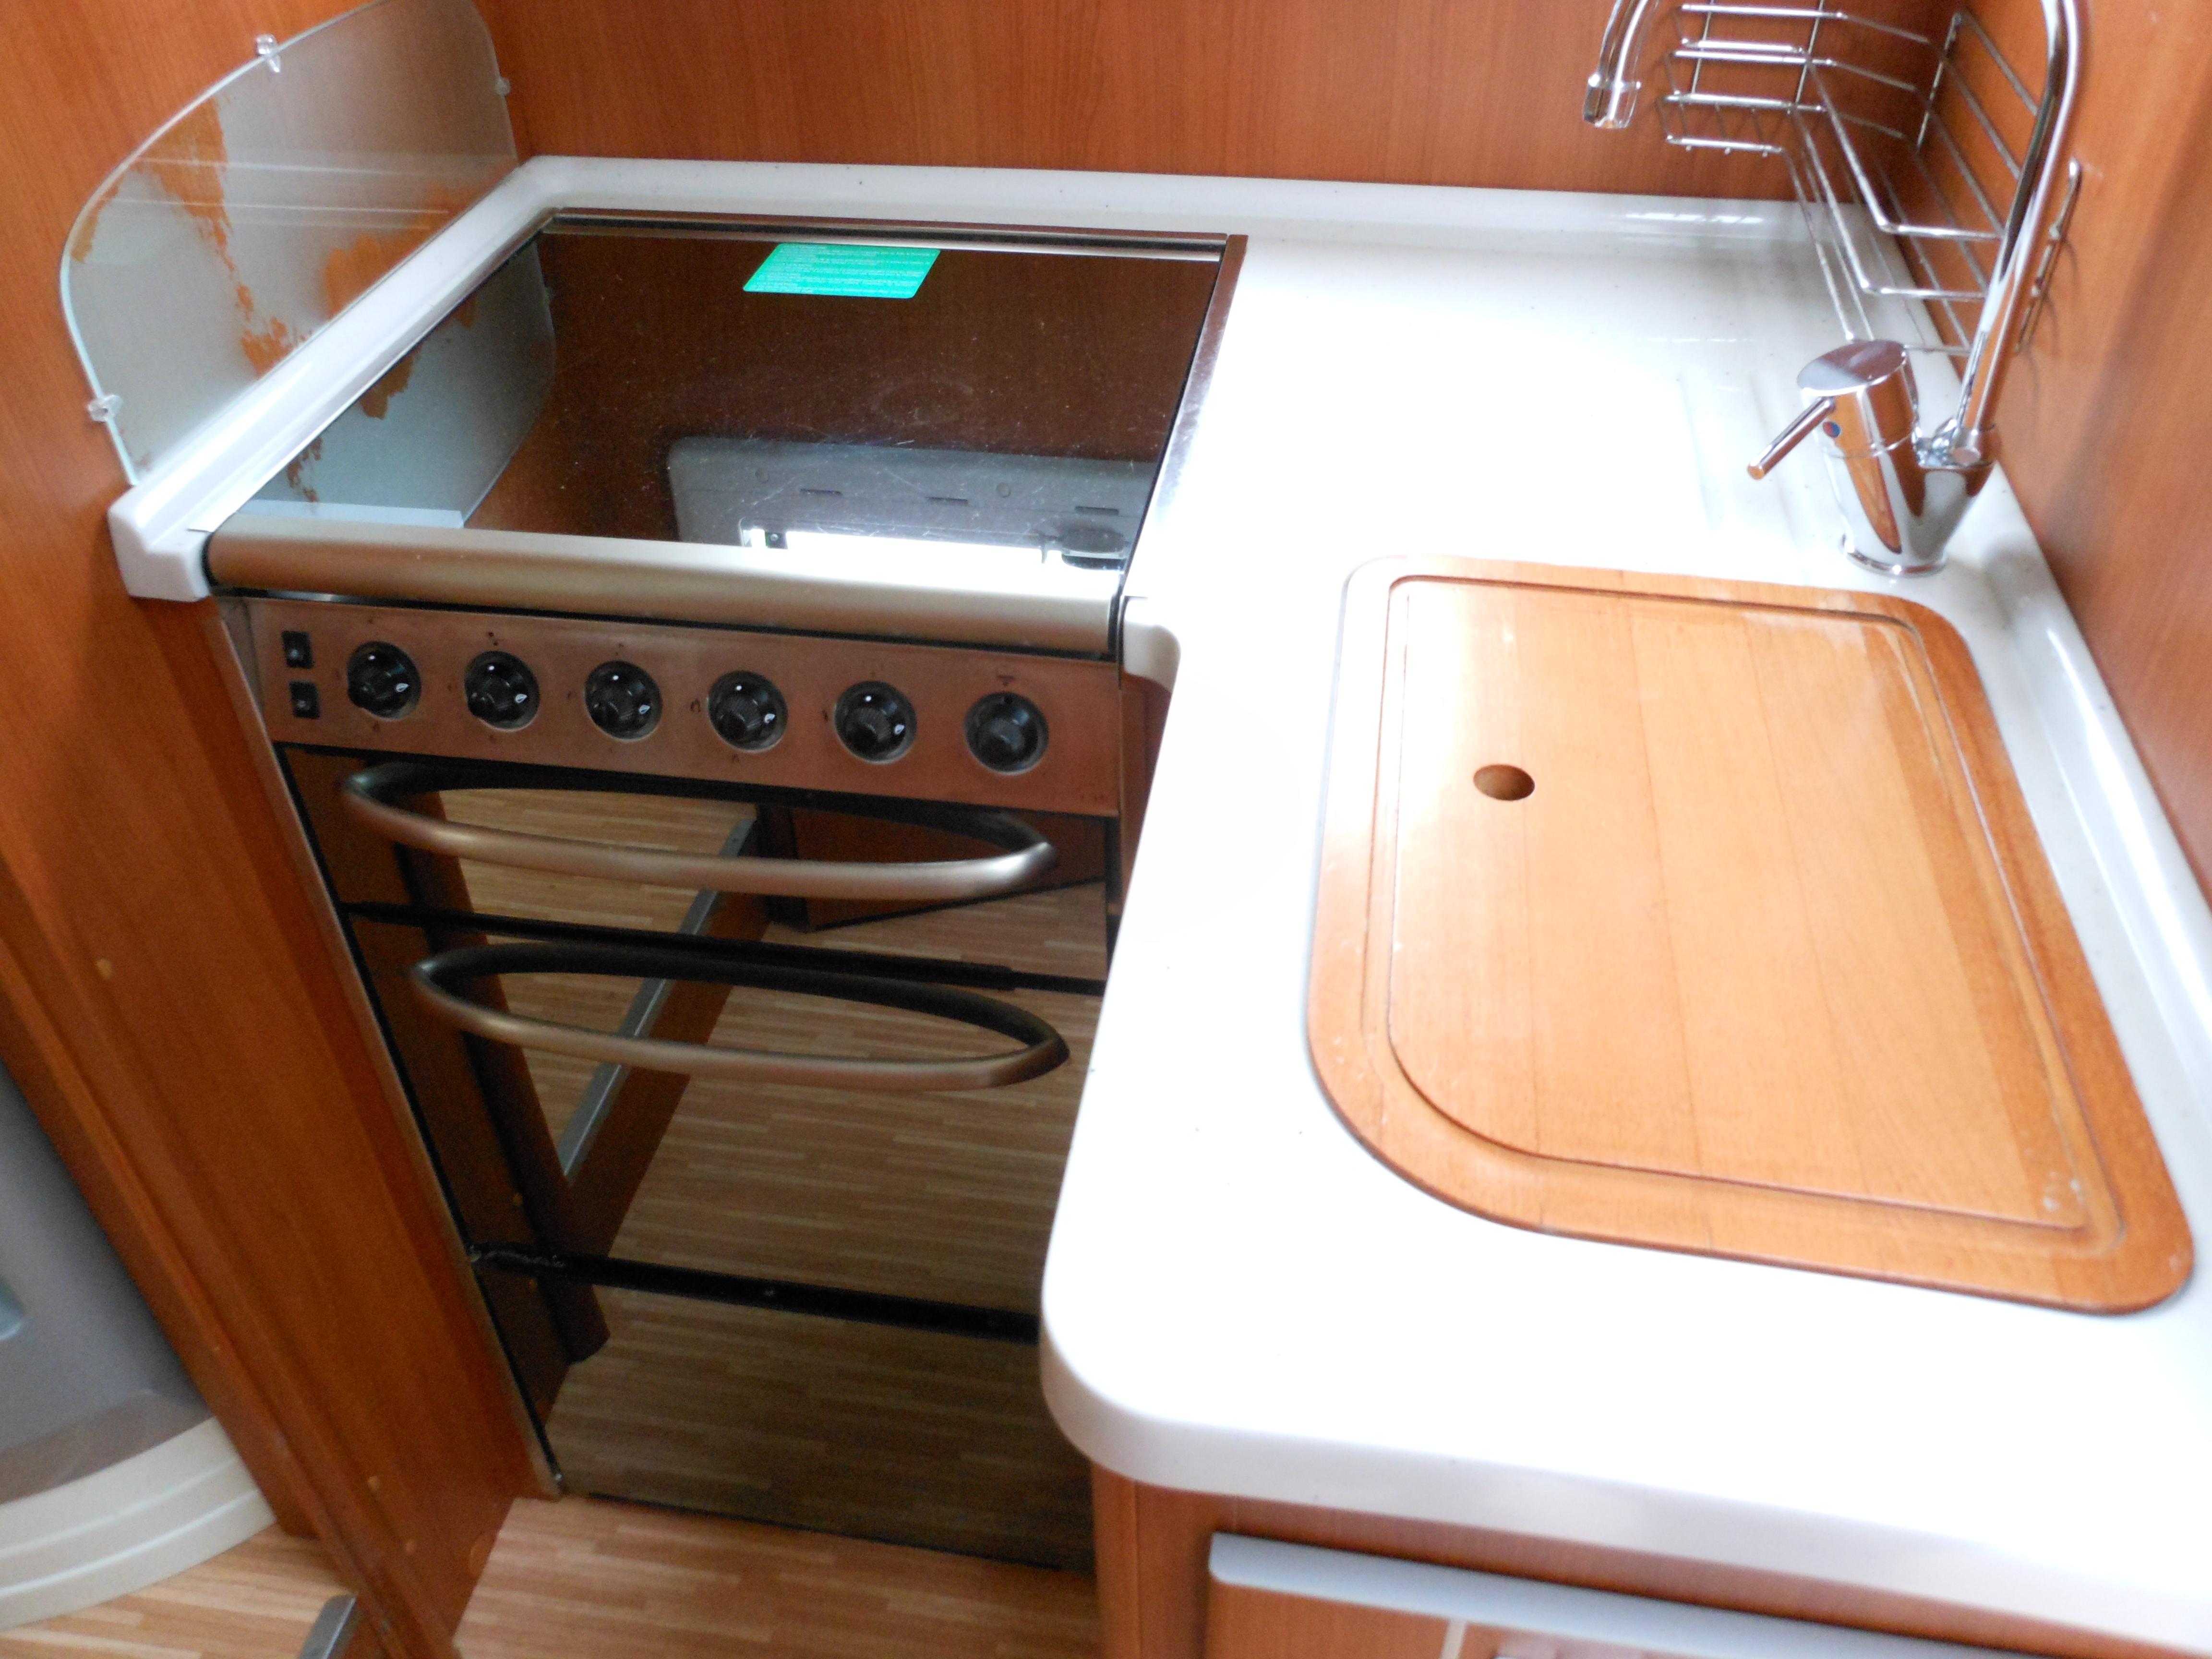 mc louis tandy 672 occasion de 2009 fiat camping car en vente saint pouange troyes aube 10. Black Bedroom Furniture Sets. Home Design Ideas